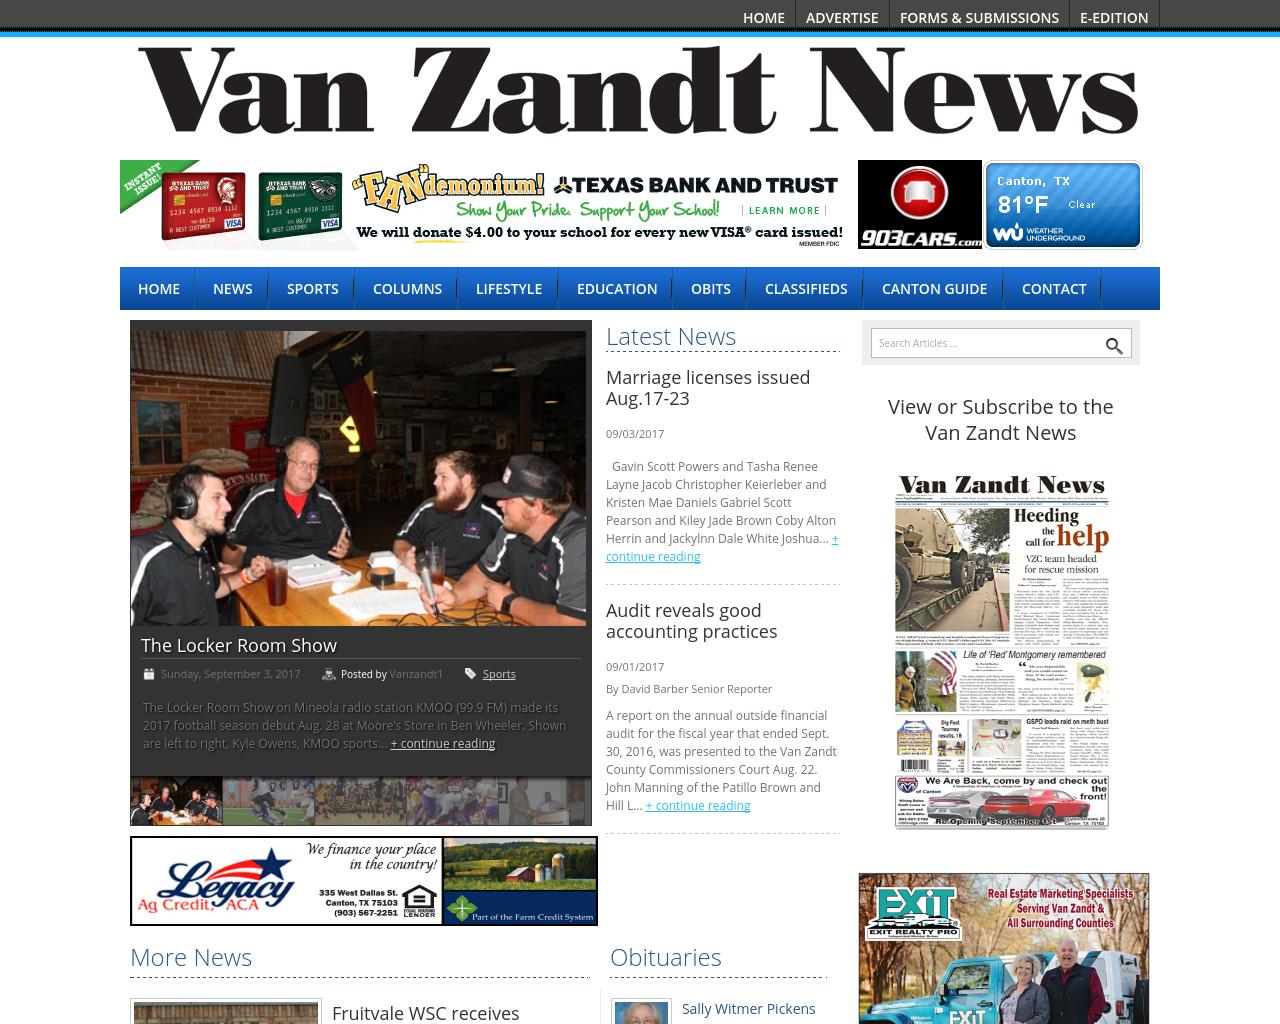 Van-Zandt--Newspapers-Advertising-Reviews-Pricing